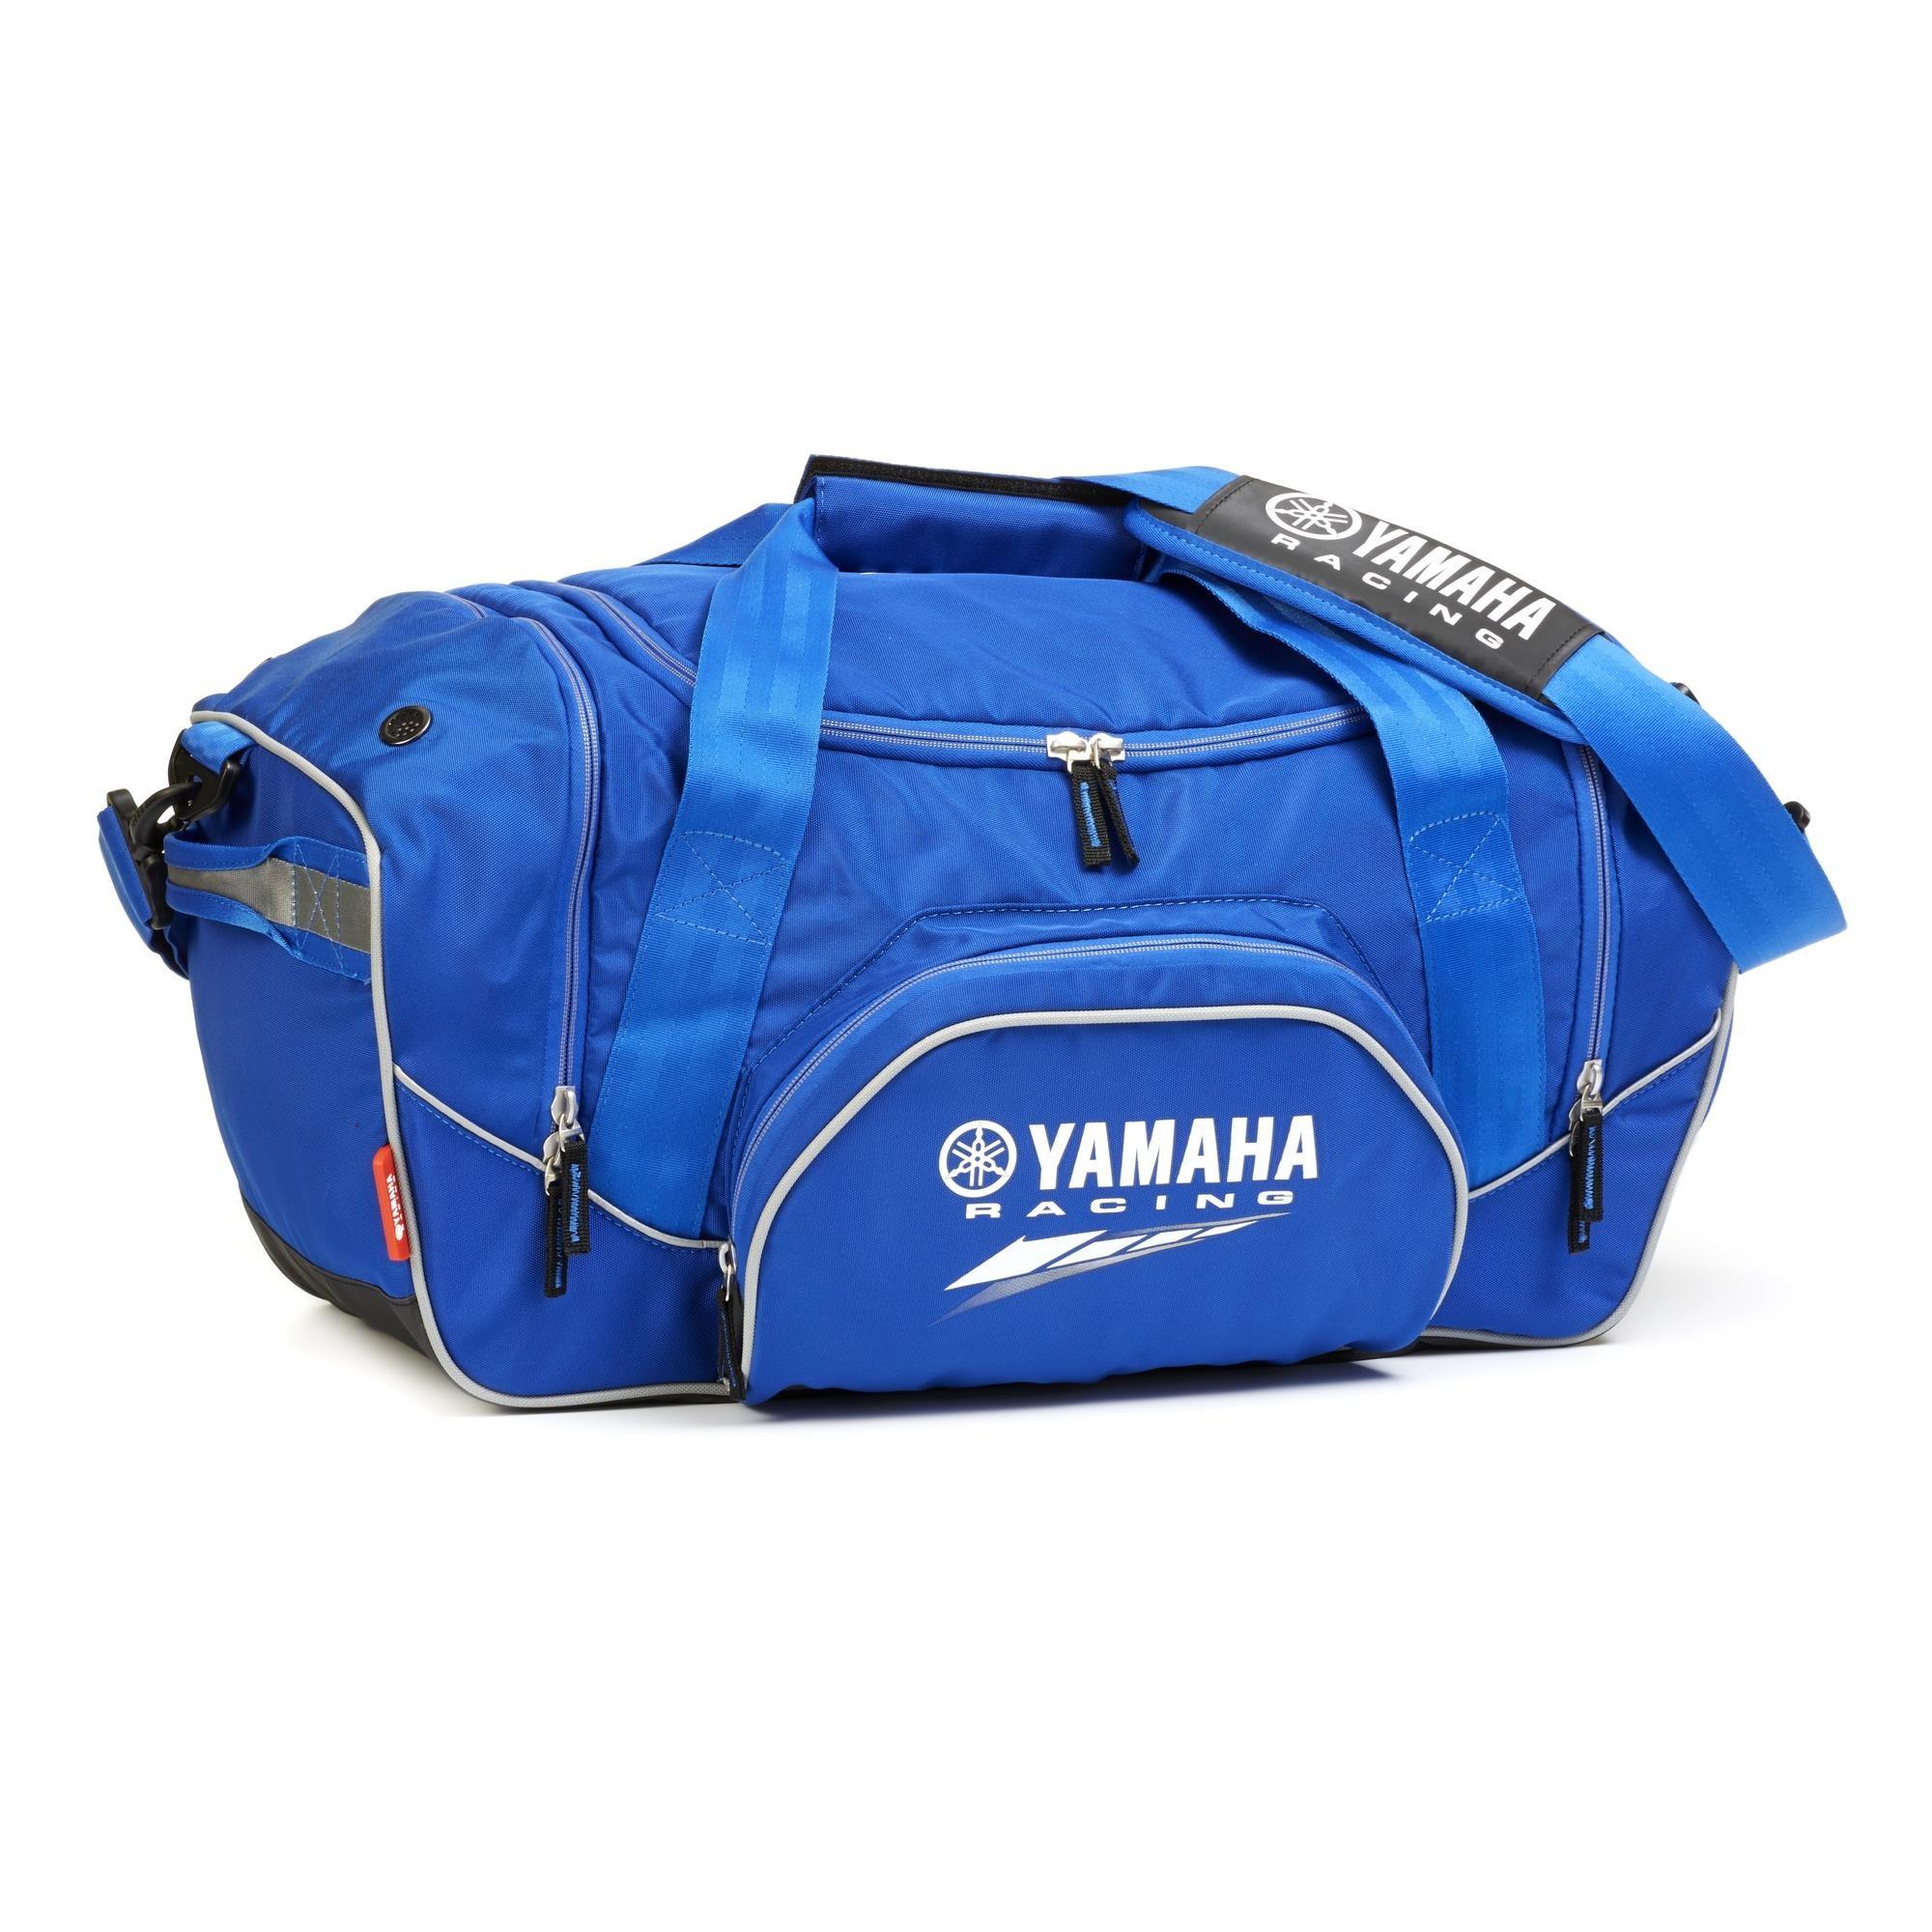 Bolsa deportiva Yamaha Racing